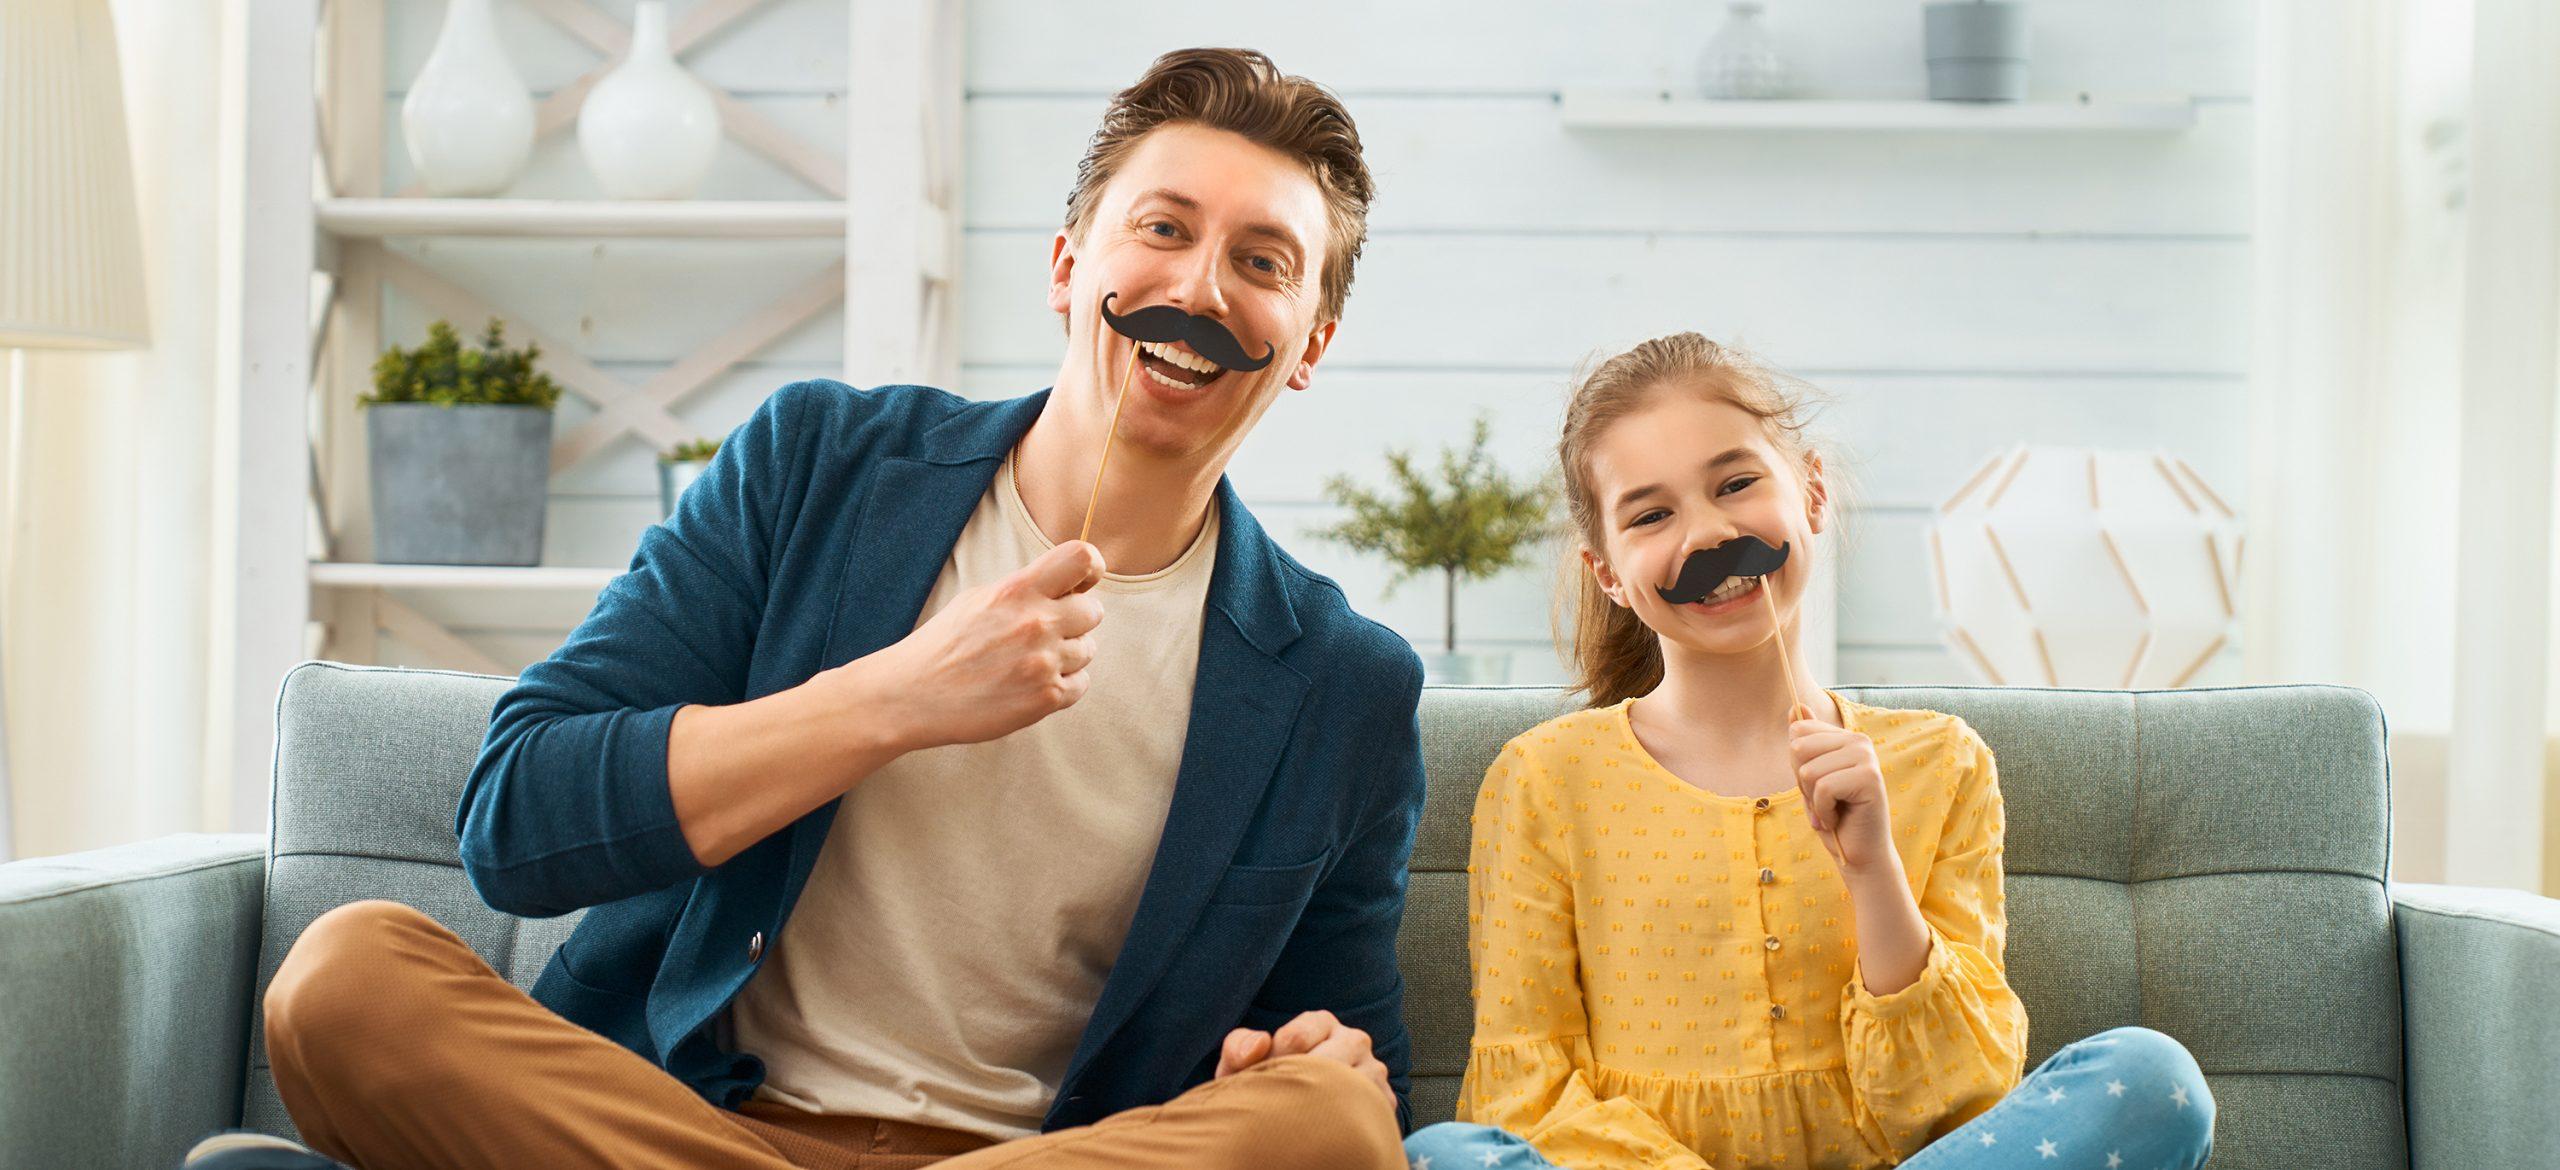 Dadhacks para este Día del Padre: cómo ayudarlos a cuidar su bienestar